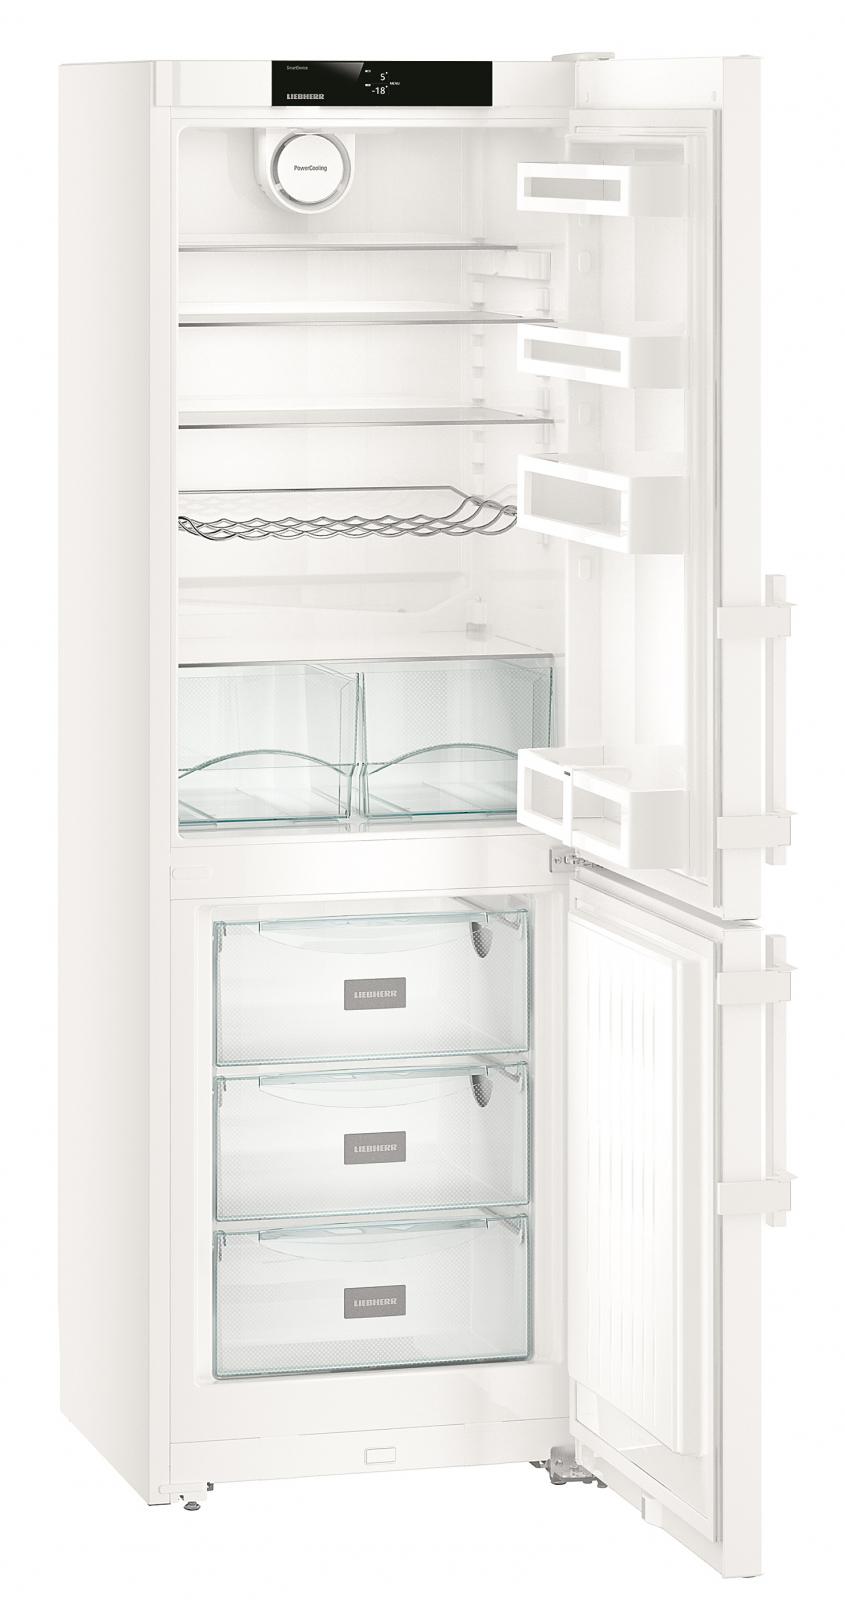 купить Двухкамерный холодильник Liebherr C 3525 Украина фото 8